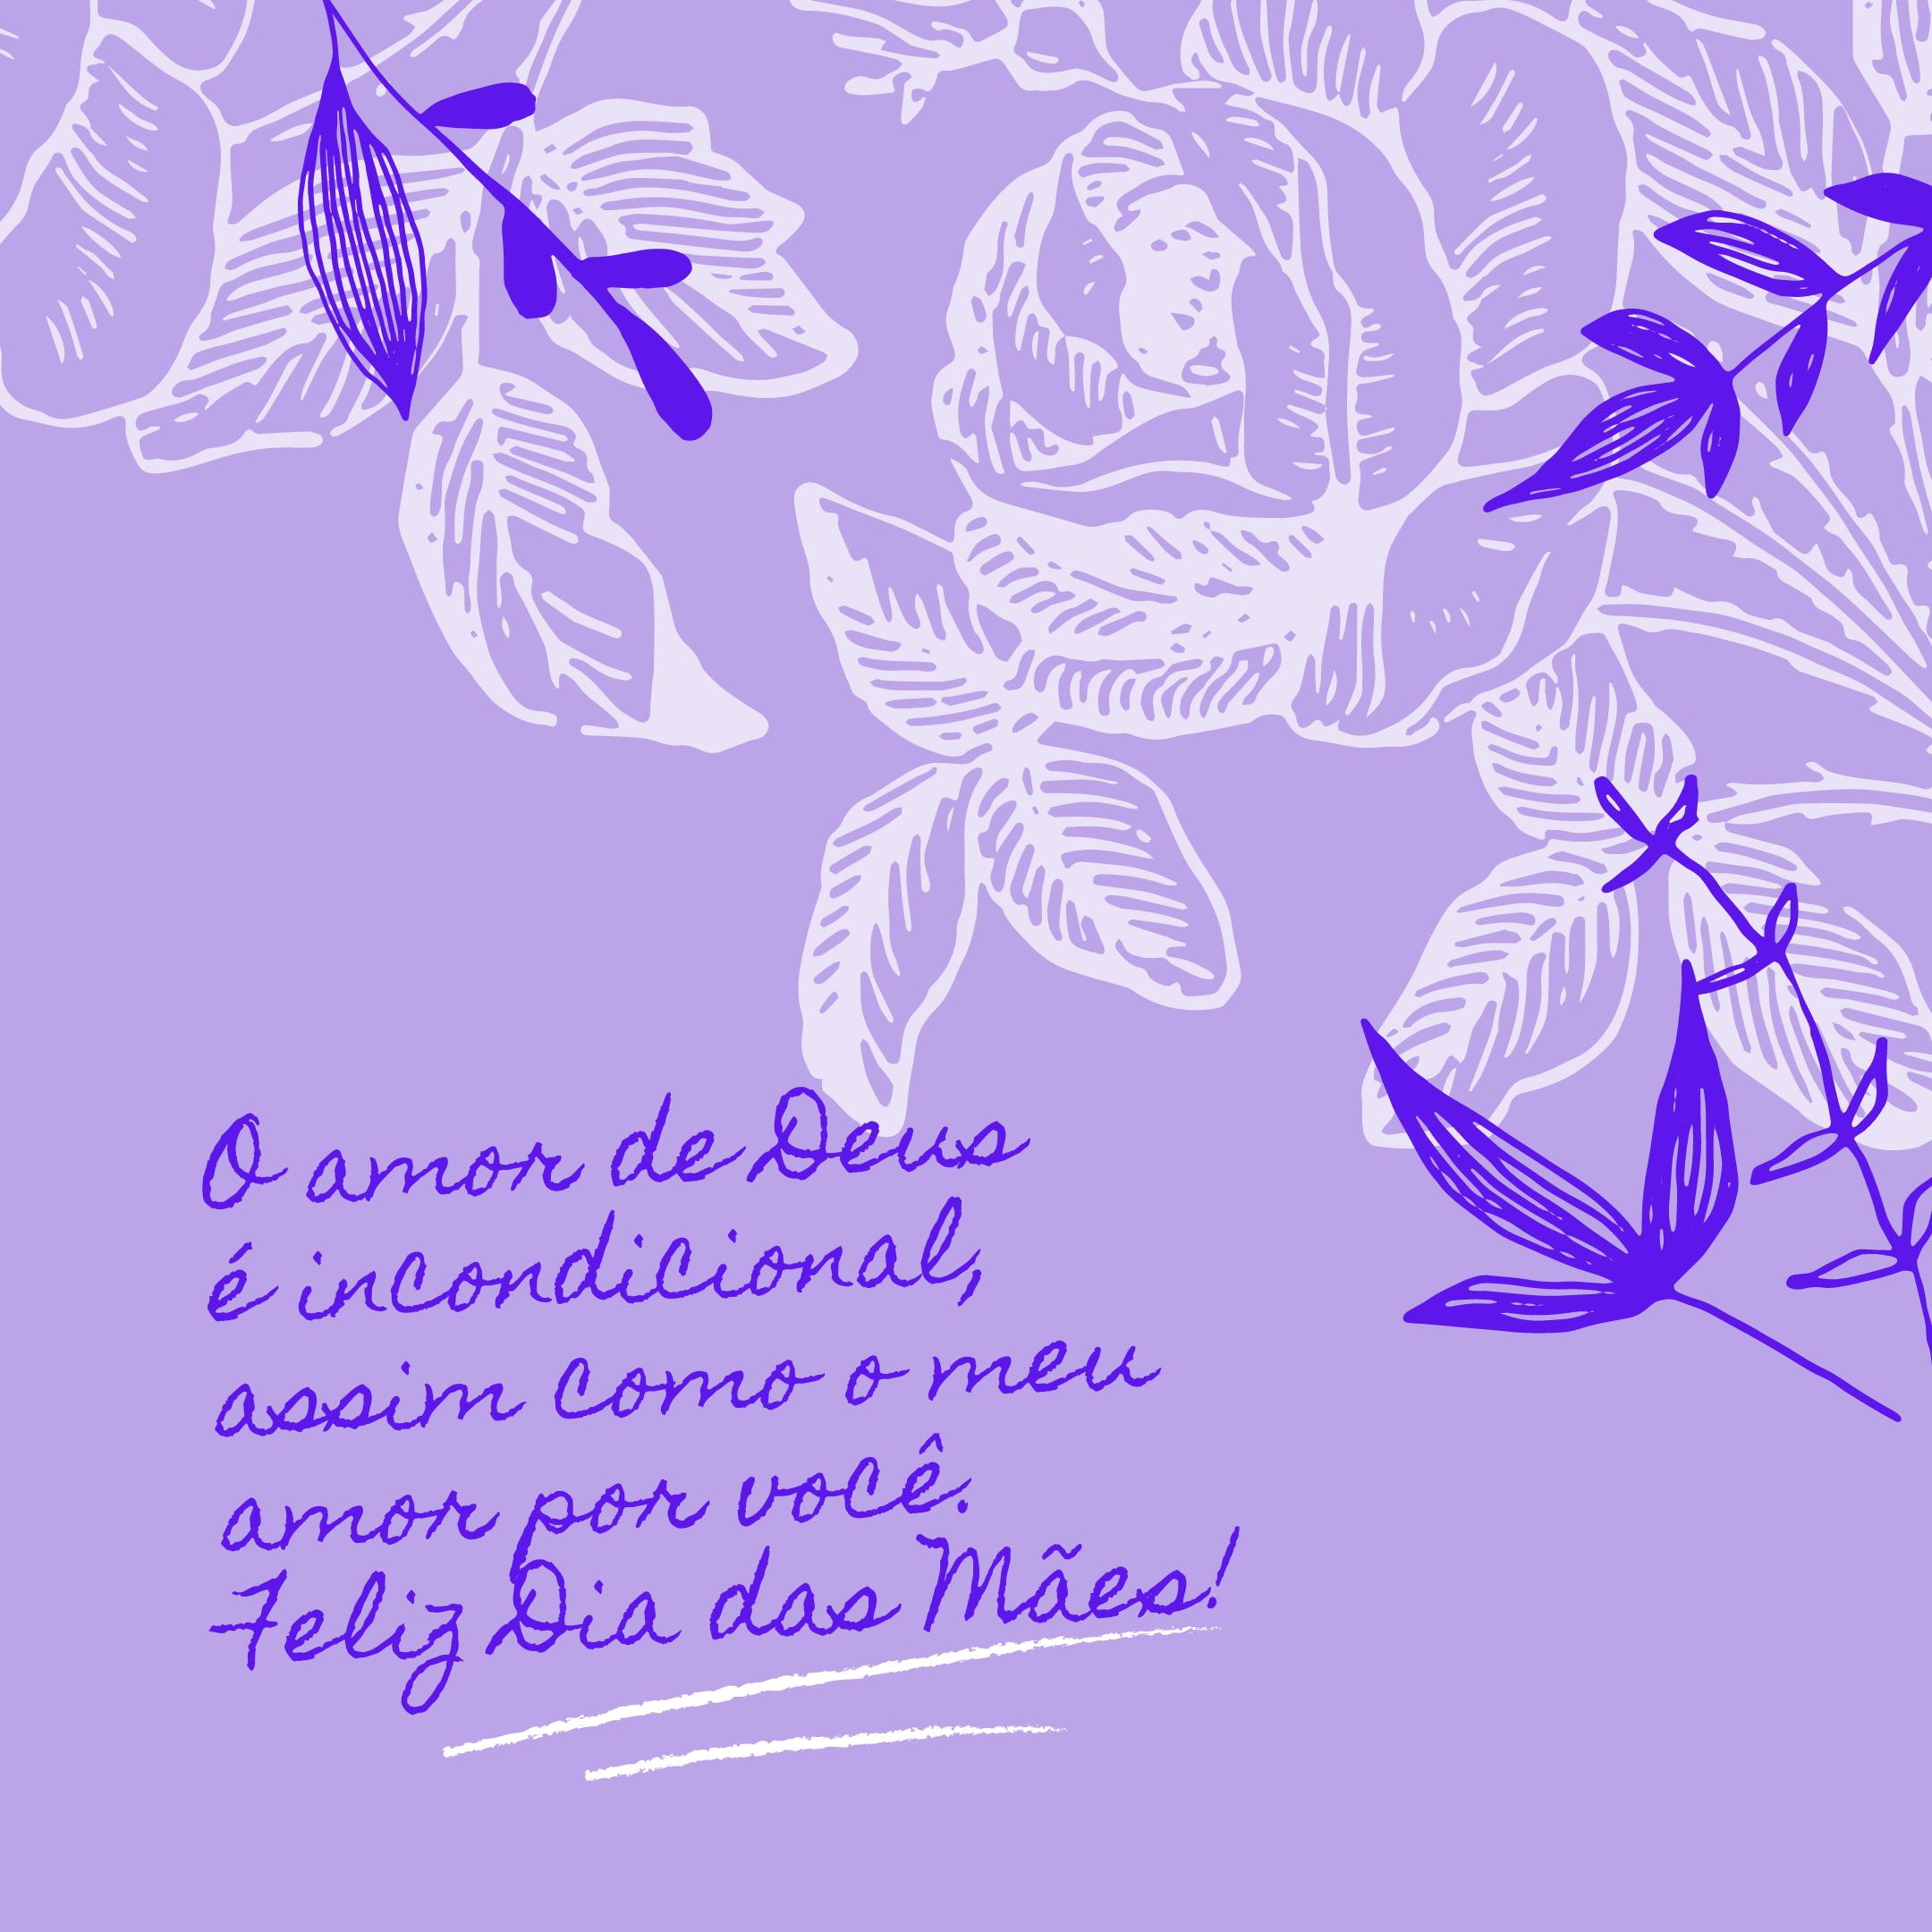 O amor de Deus é incondicional, assim como o meu amor por você. Feliz Dia das Mães!